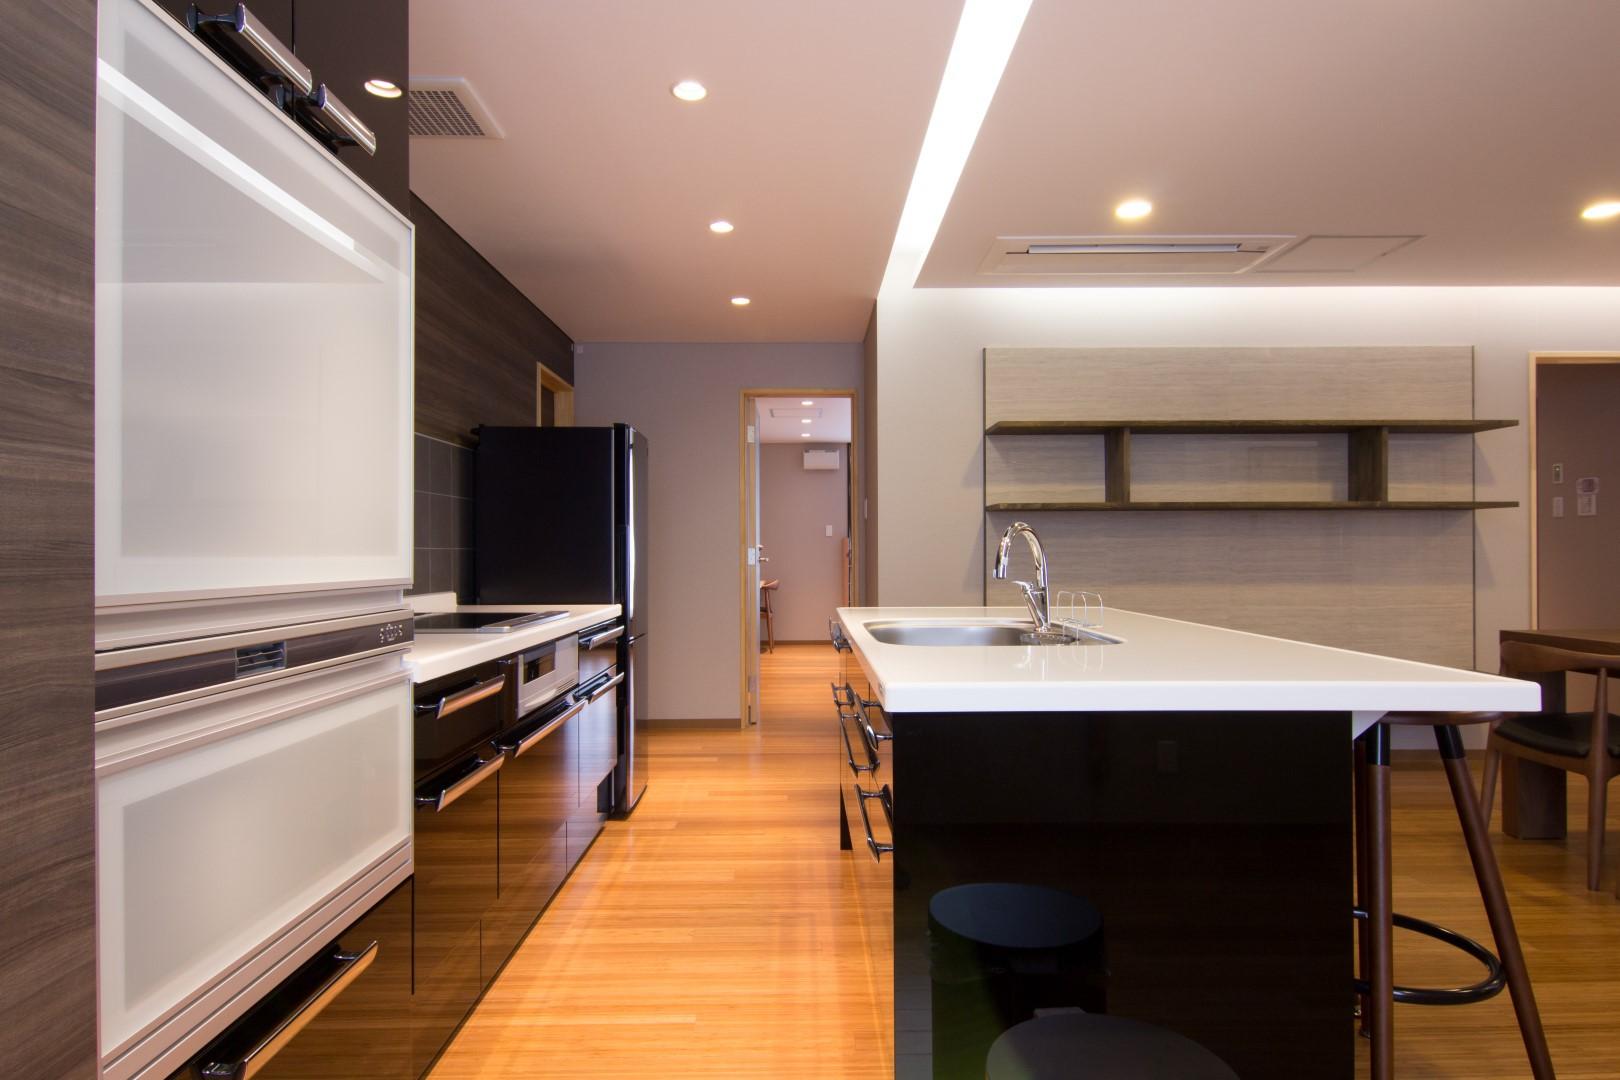 ワンフロアペントハウスキッチン Penthouse  Kitchen 204